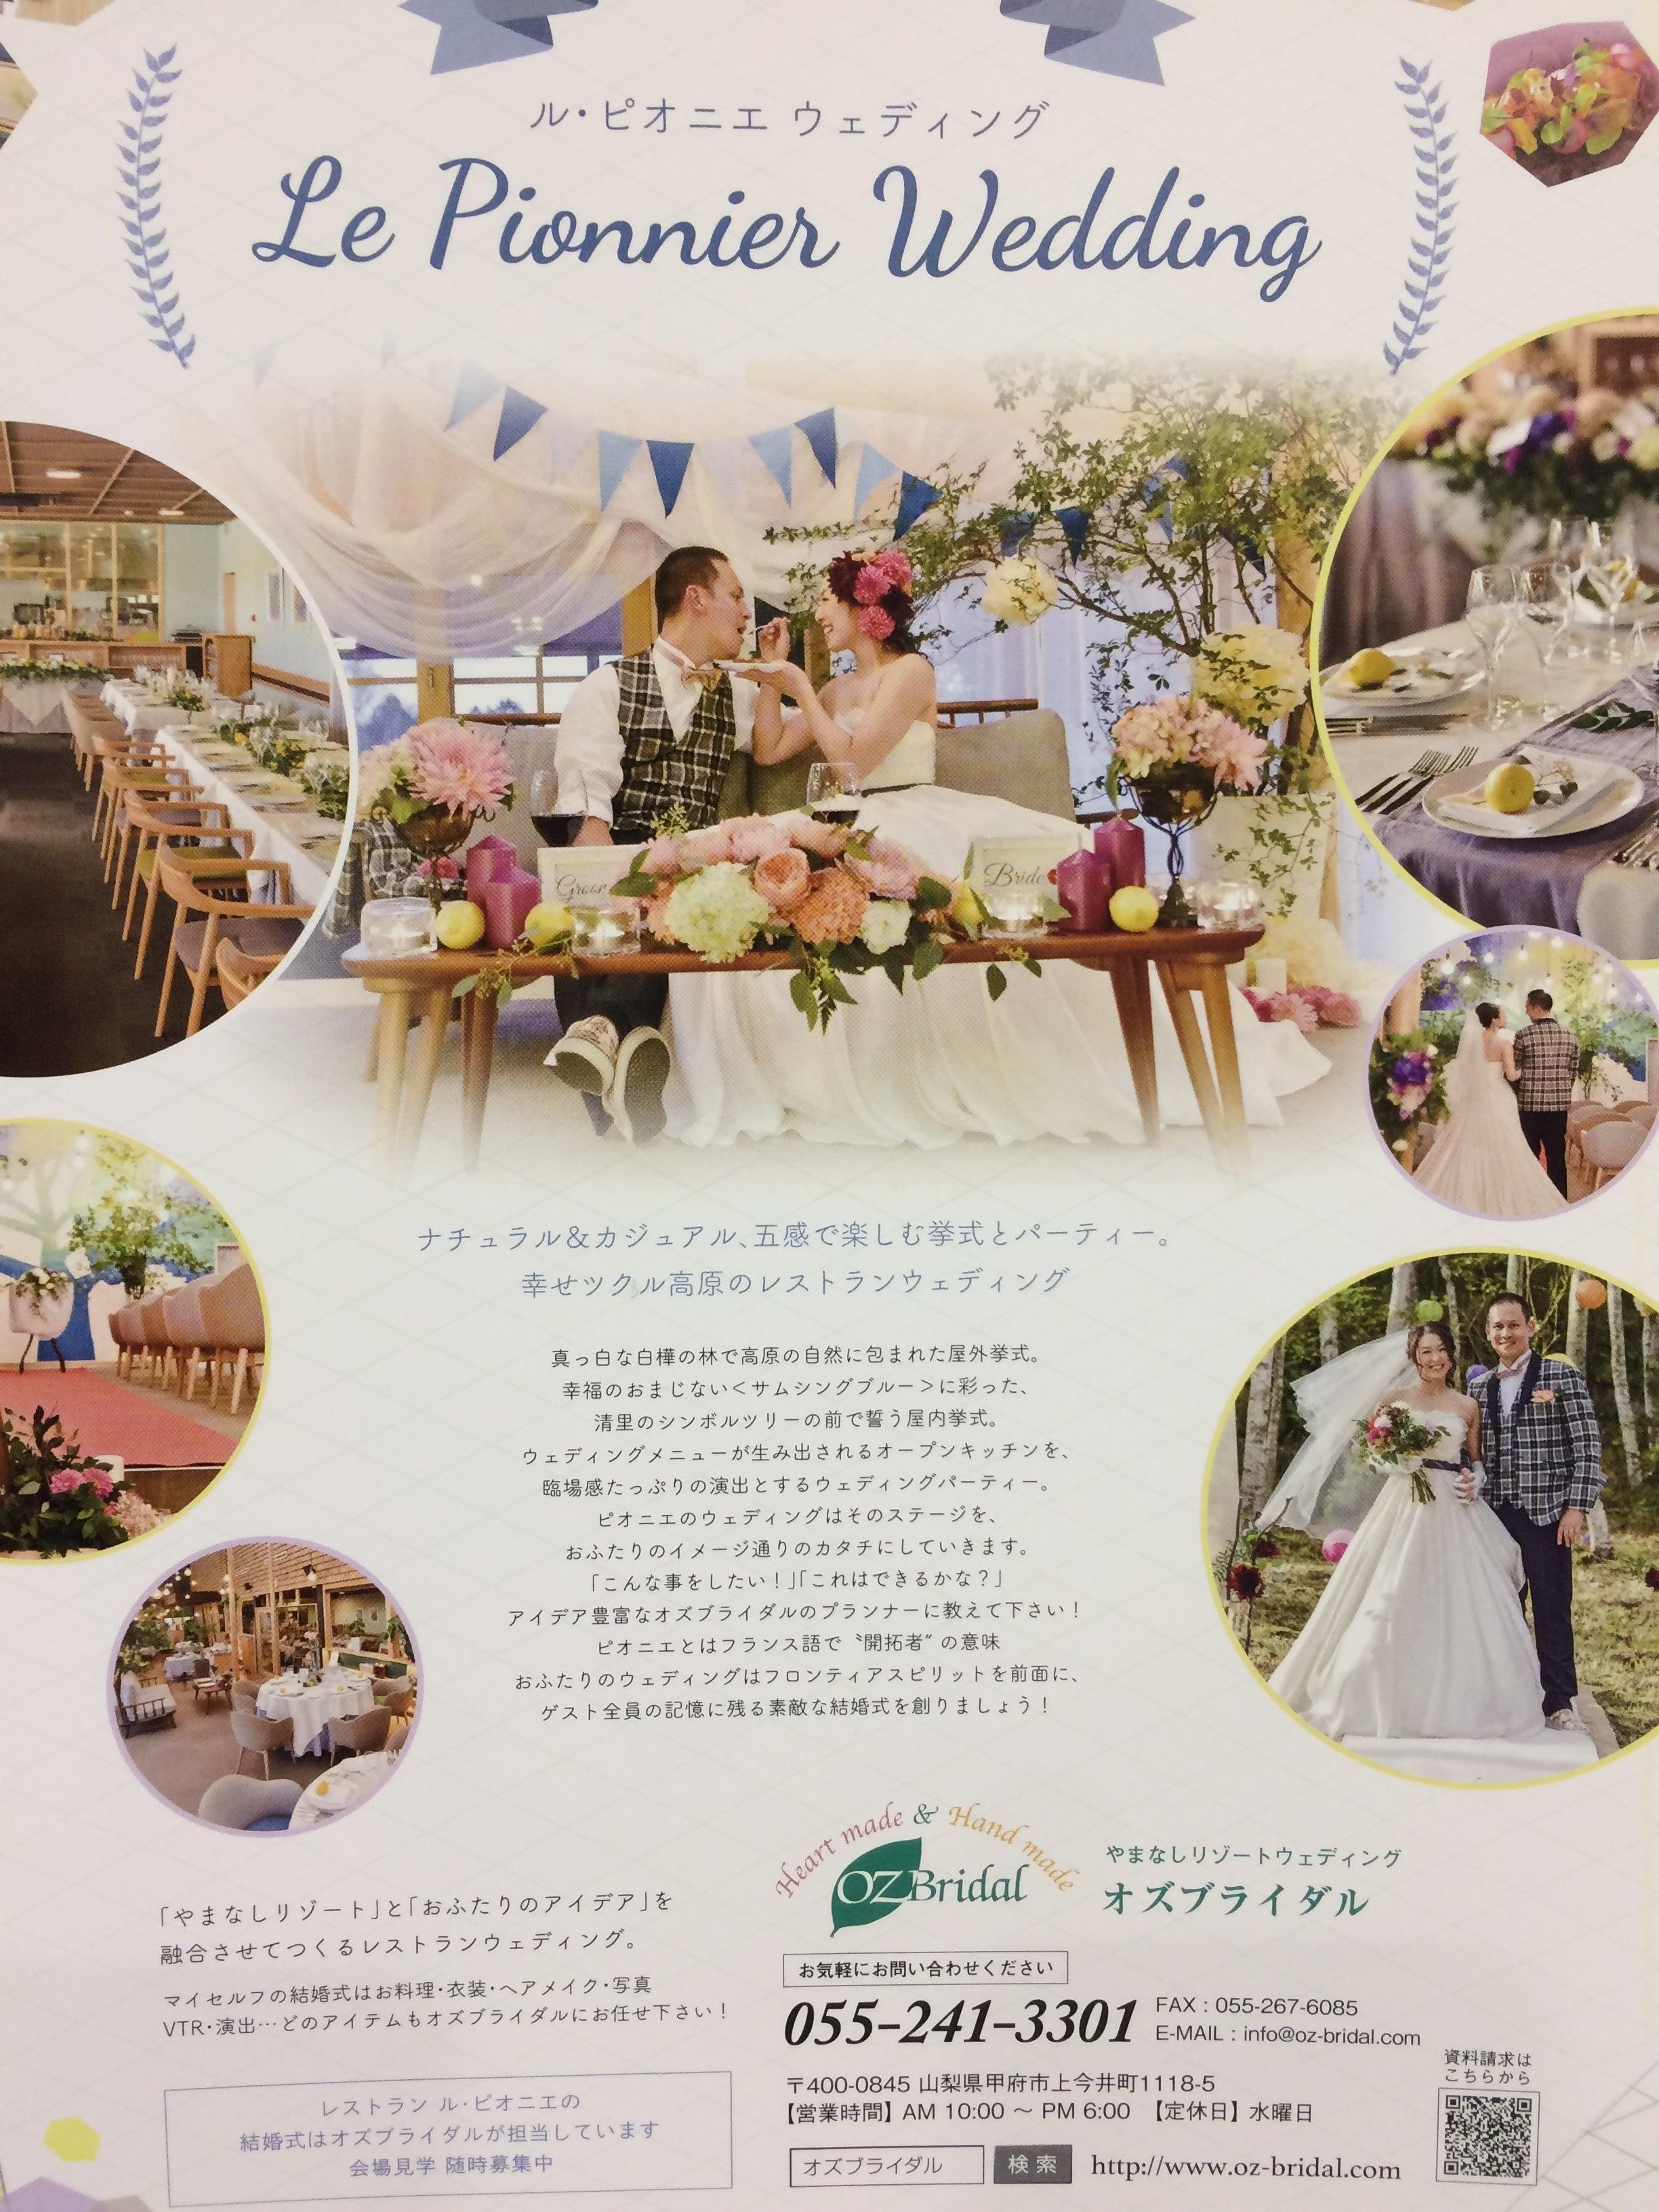 オズブライダル 山梨のリゾートウェディング・結婚式